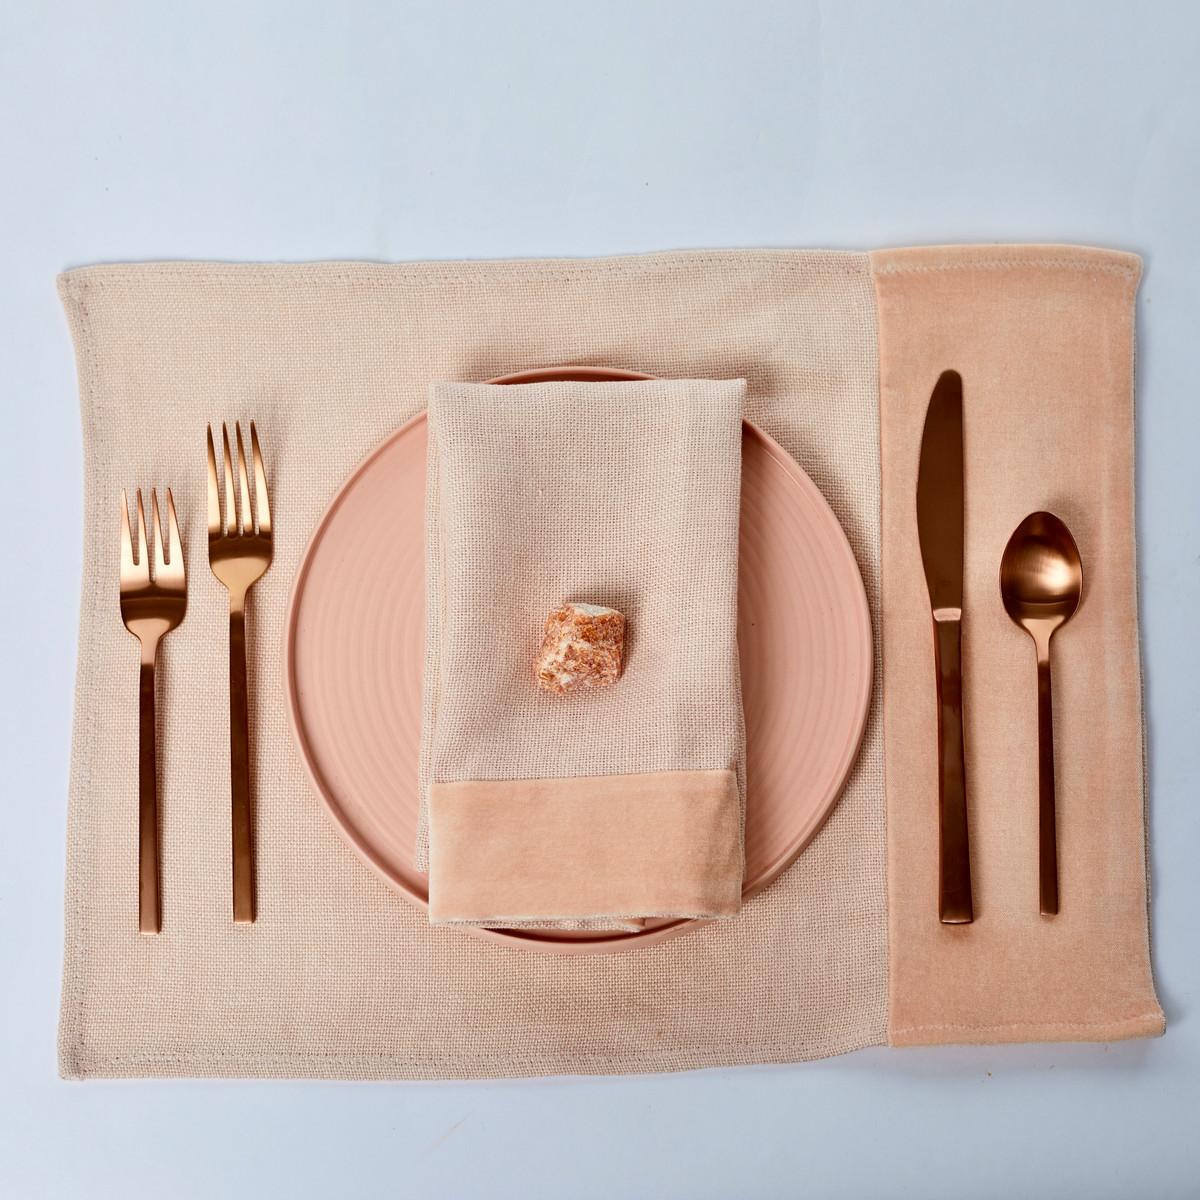 Alexis Rose Quartz Linen Placemat - Place Setting